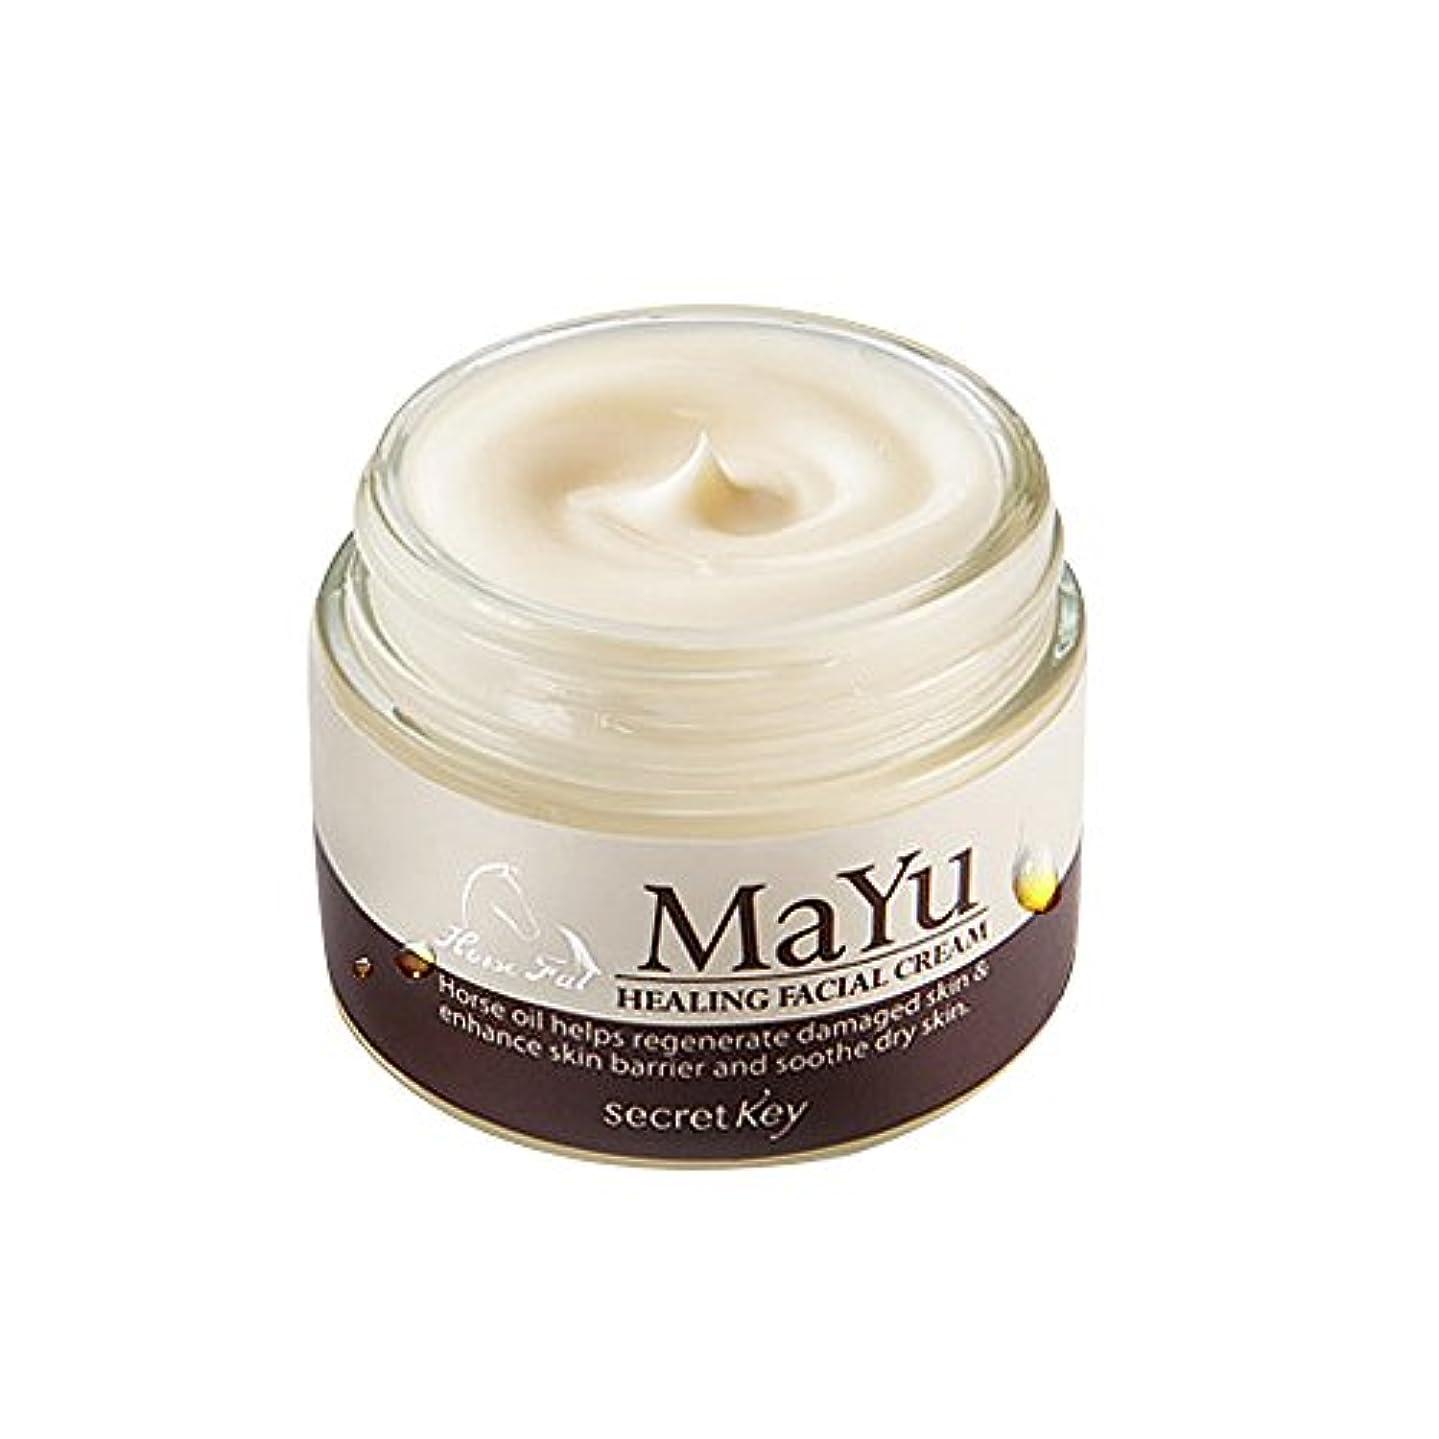 [シークレットキー]Secretkey 馬油ヒーリングフェイシャルクリーム70g 海外直送品 Mayu Healing Facial Cream 70g